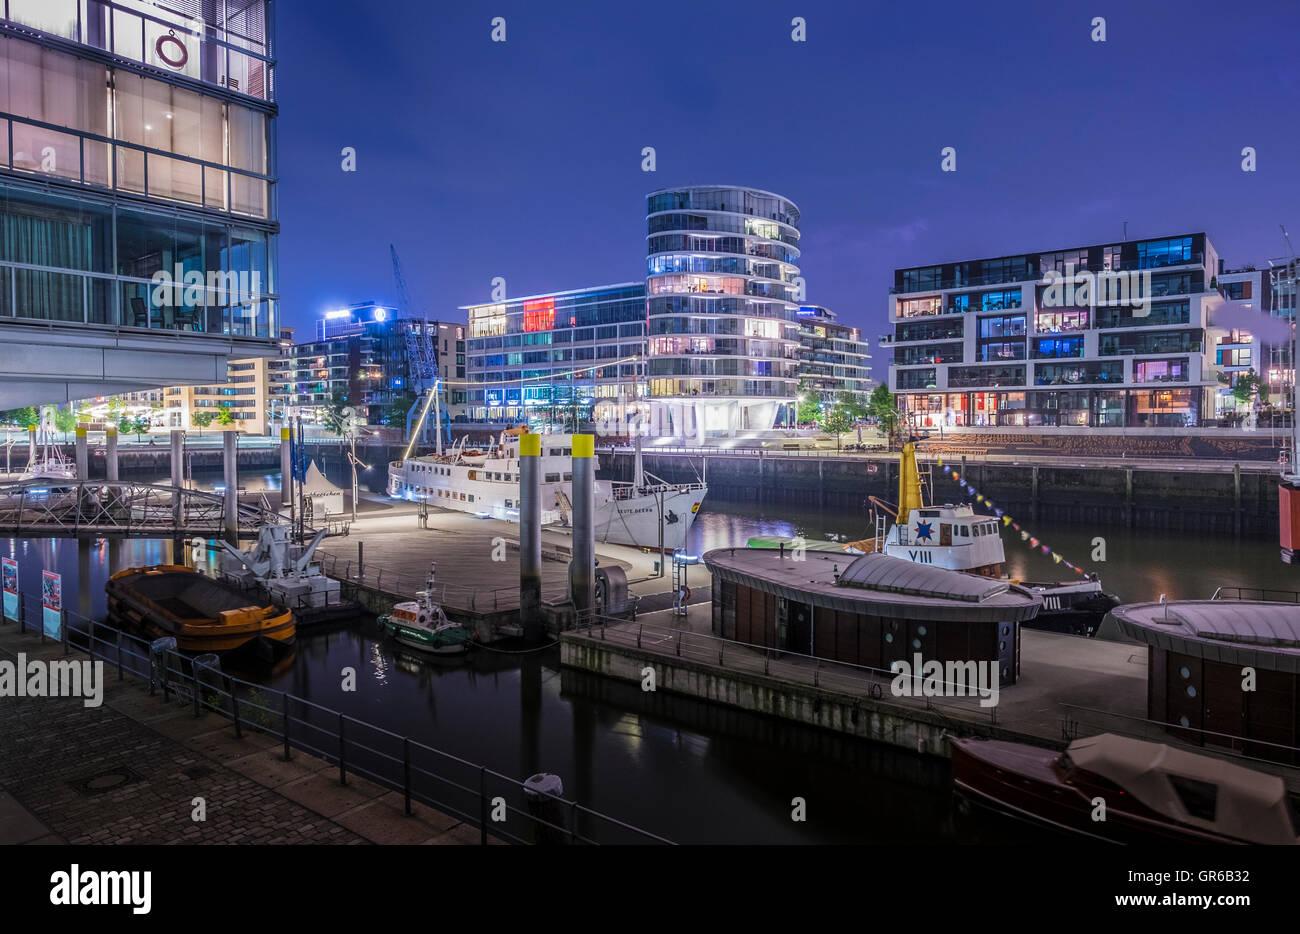 Harborcity - Stock Image